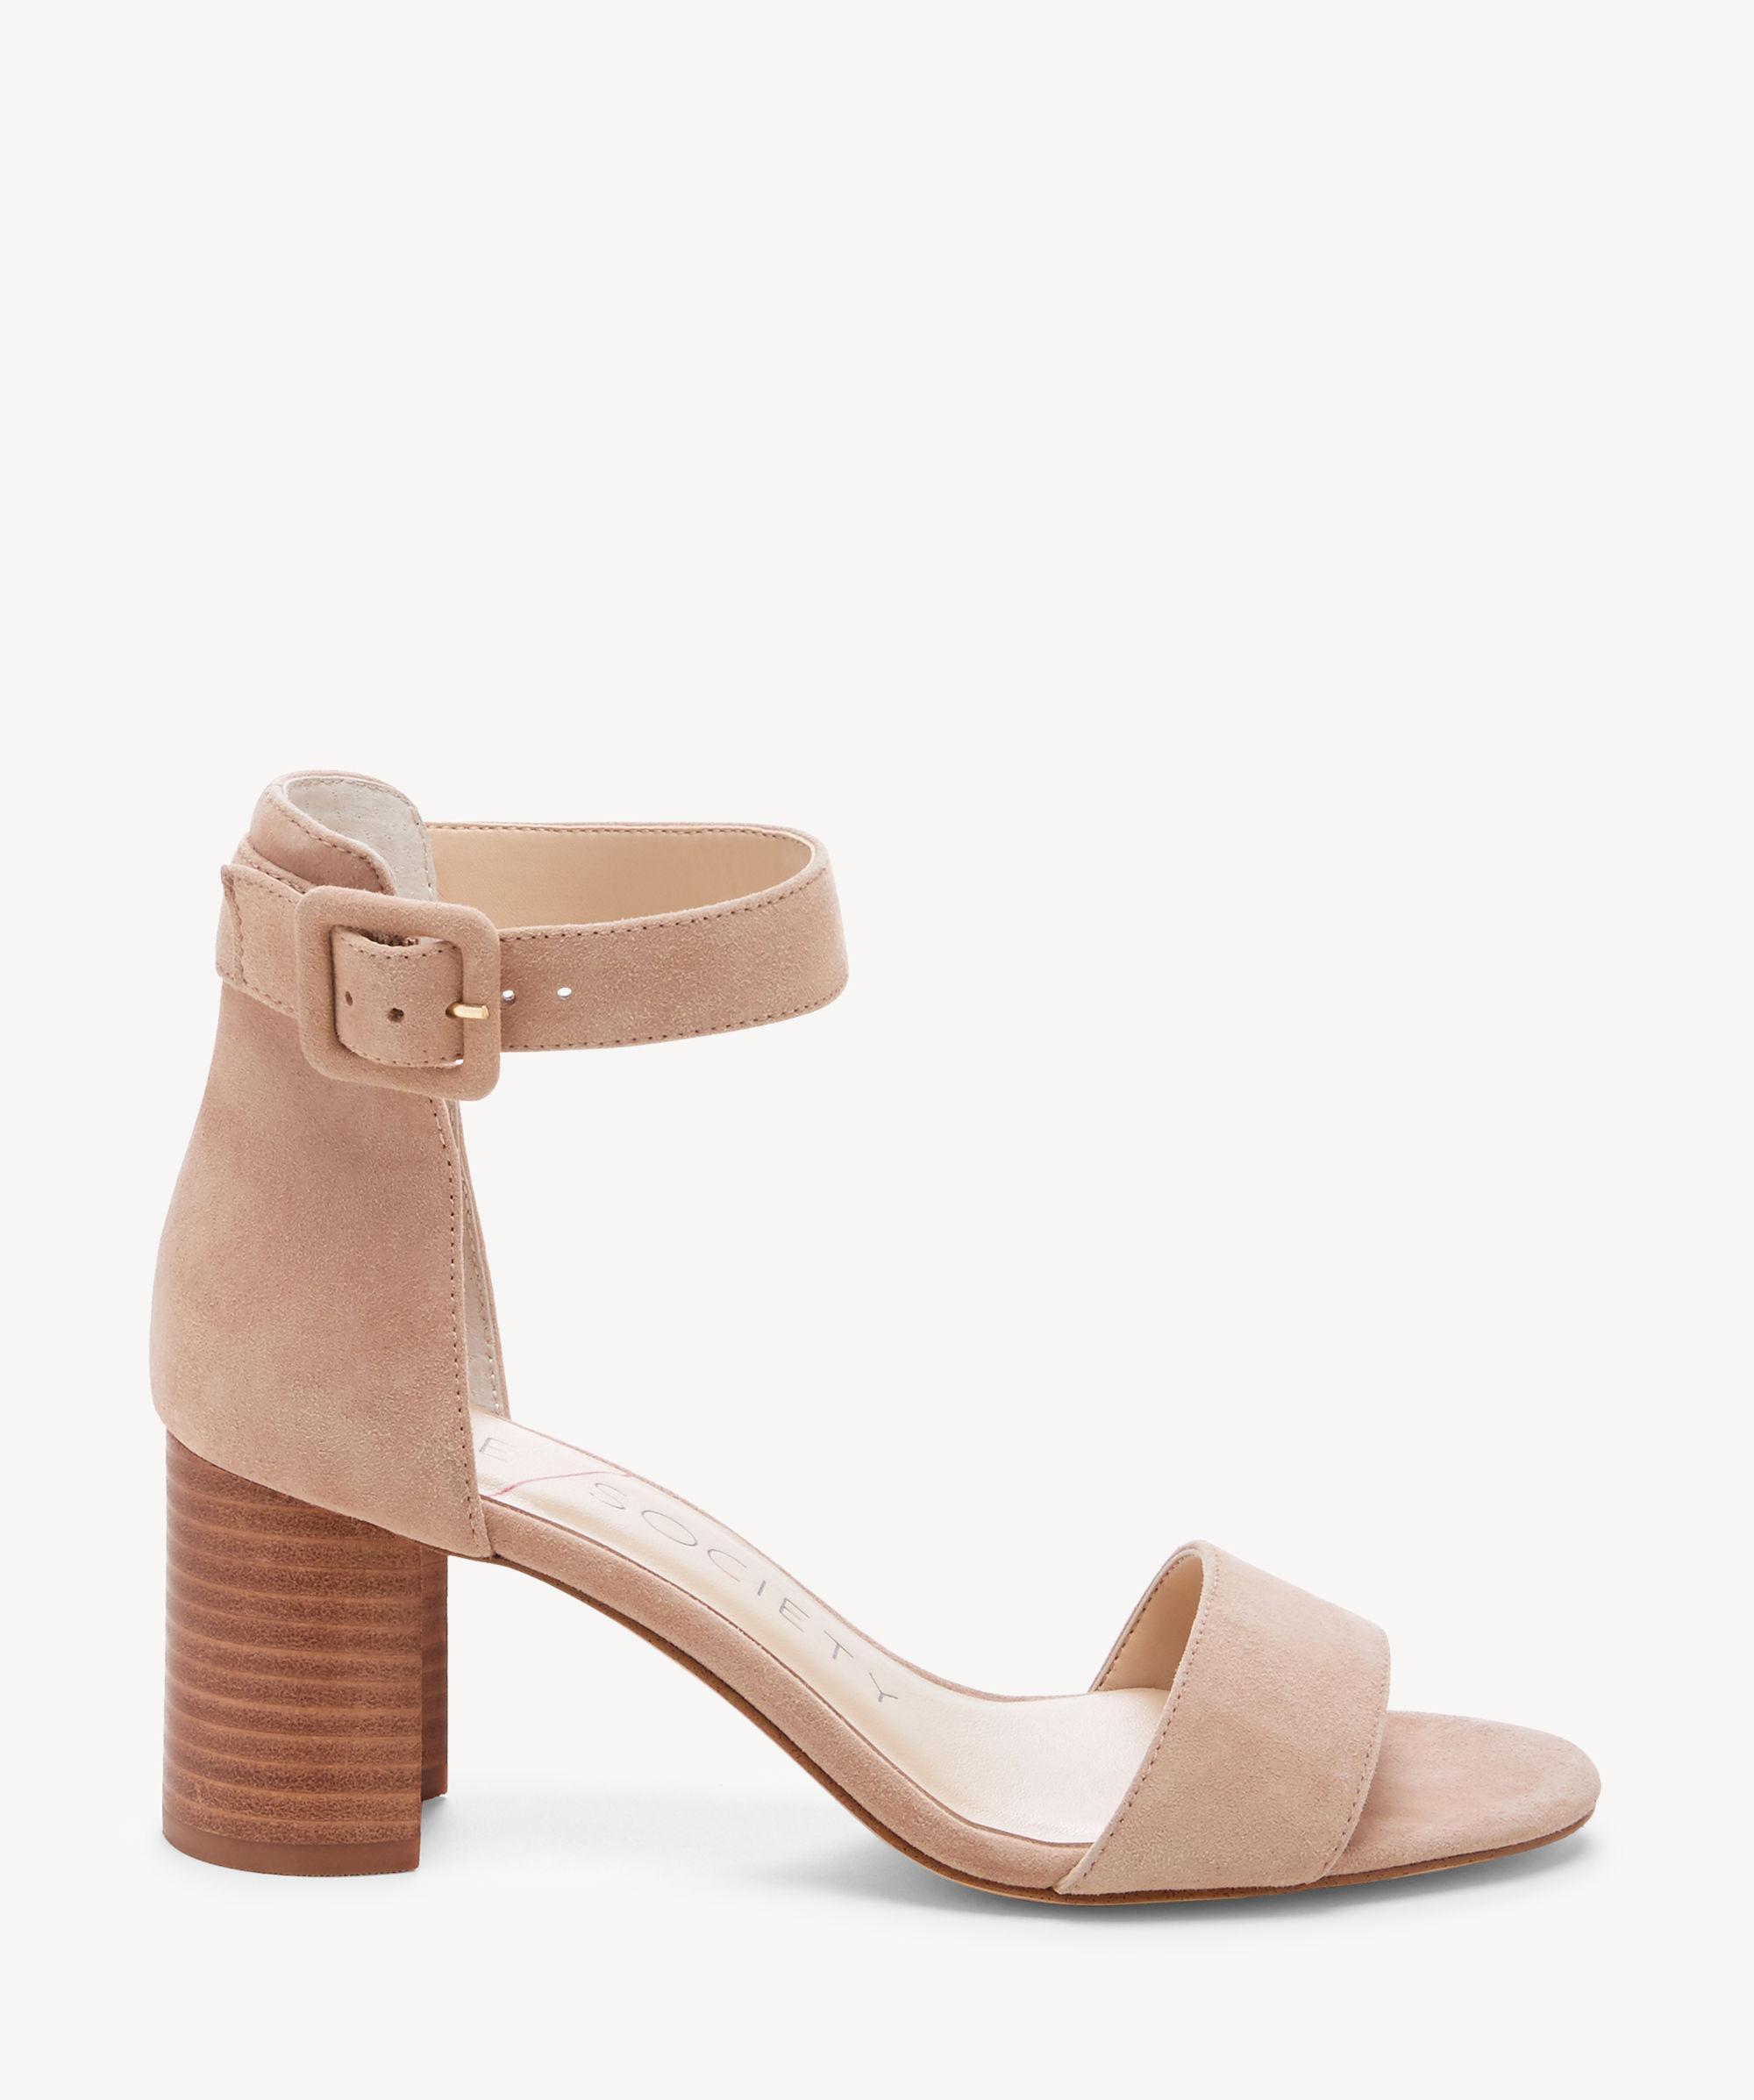 6ef546af6c6 Lyst - Sole Society Helgah3 Ankle Strap Sandal